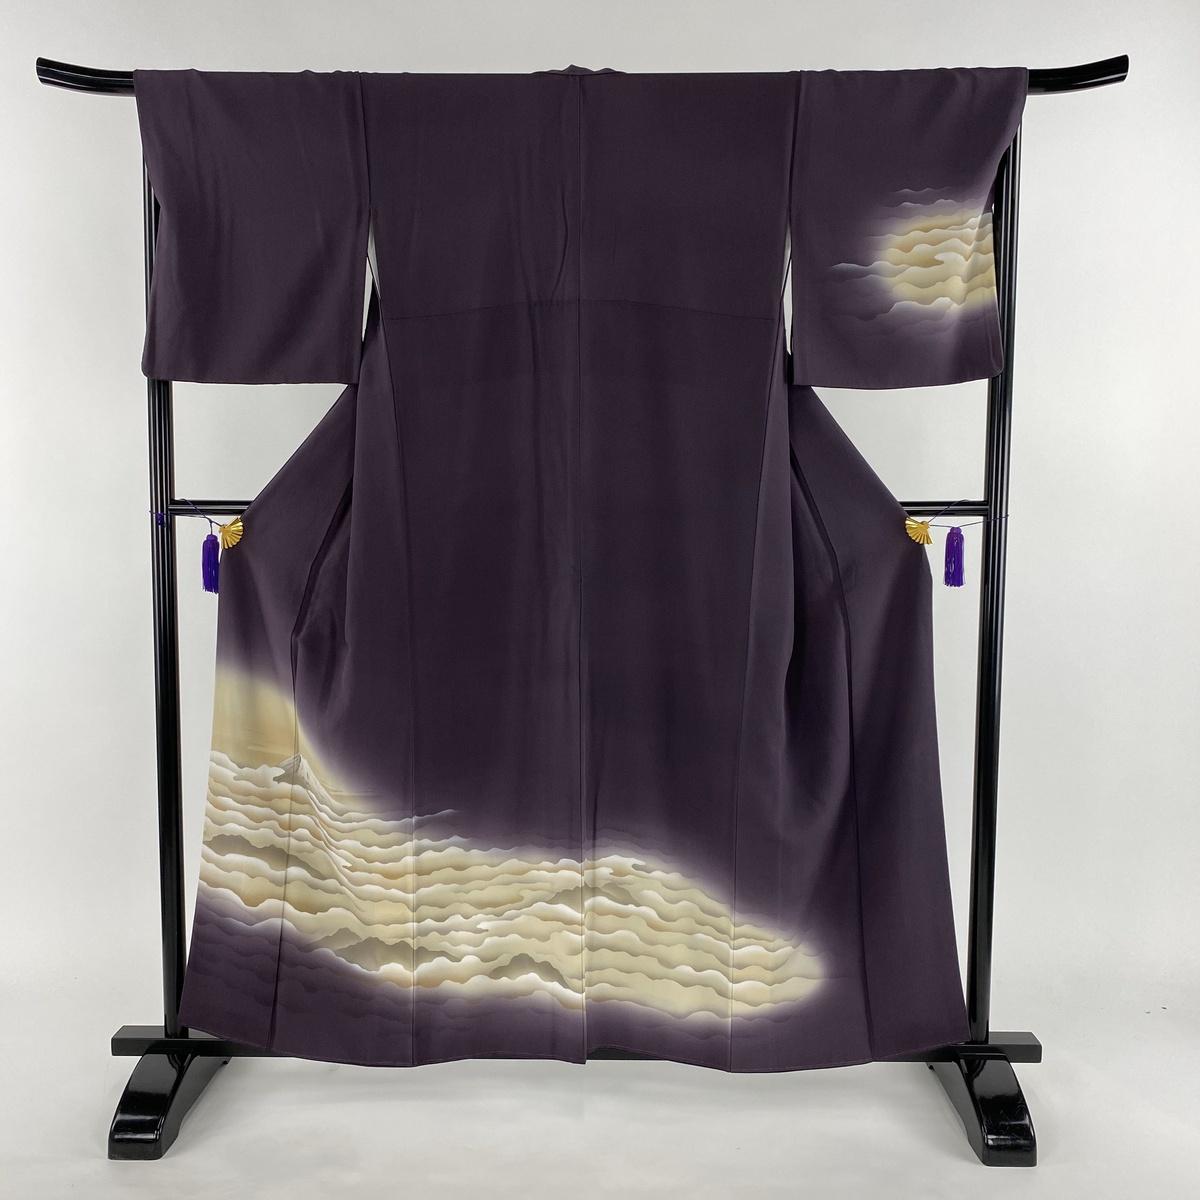 訪問着 美品 名品 富士山 雲海 金彩 紫 袷 身丈158cm 裄丈68.5cm L 正絹 【中古】